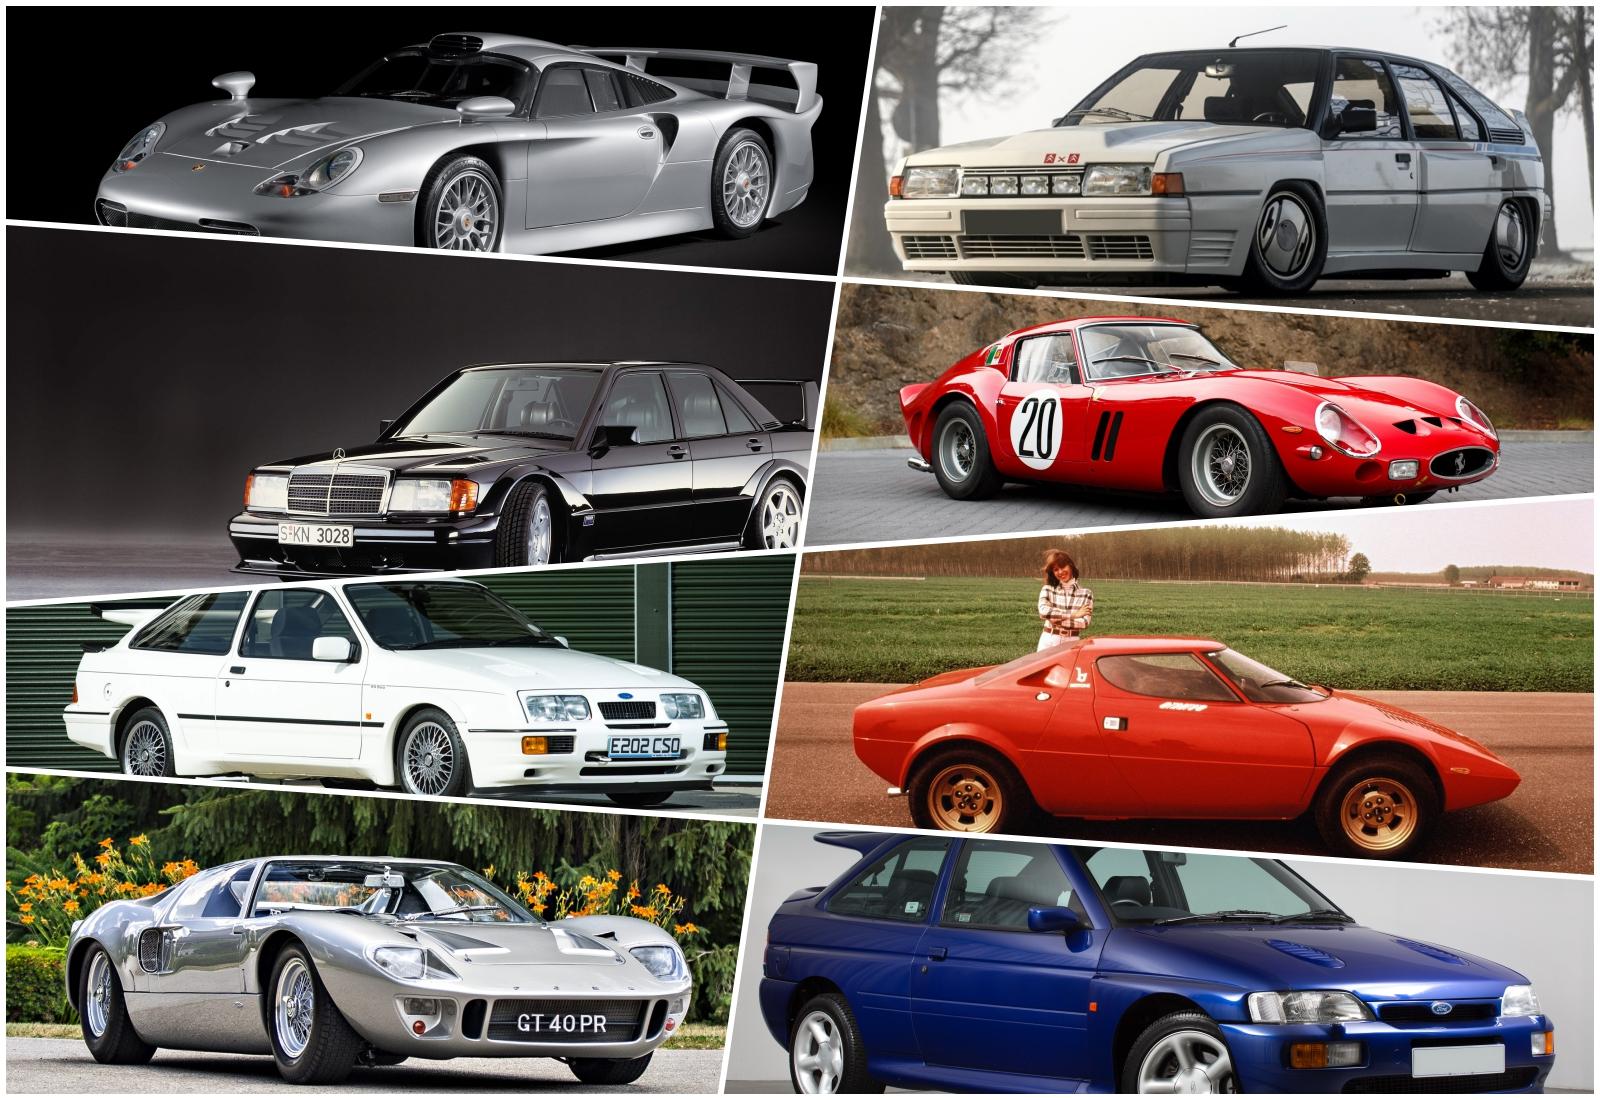 Sabe quais foram alguns dos carros que vieram da pista para a estrada? (Parte 1)